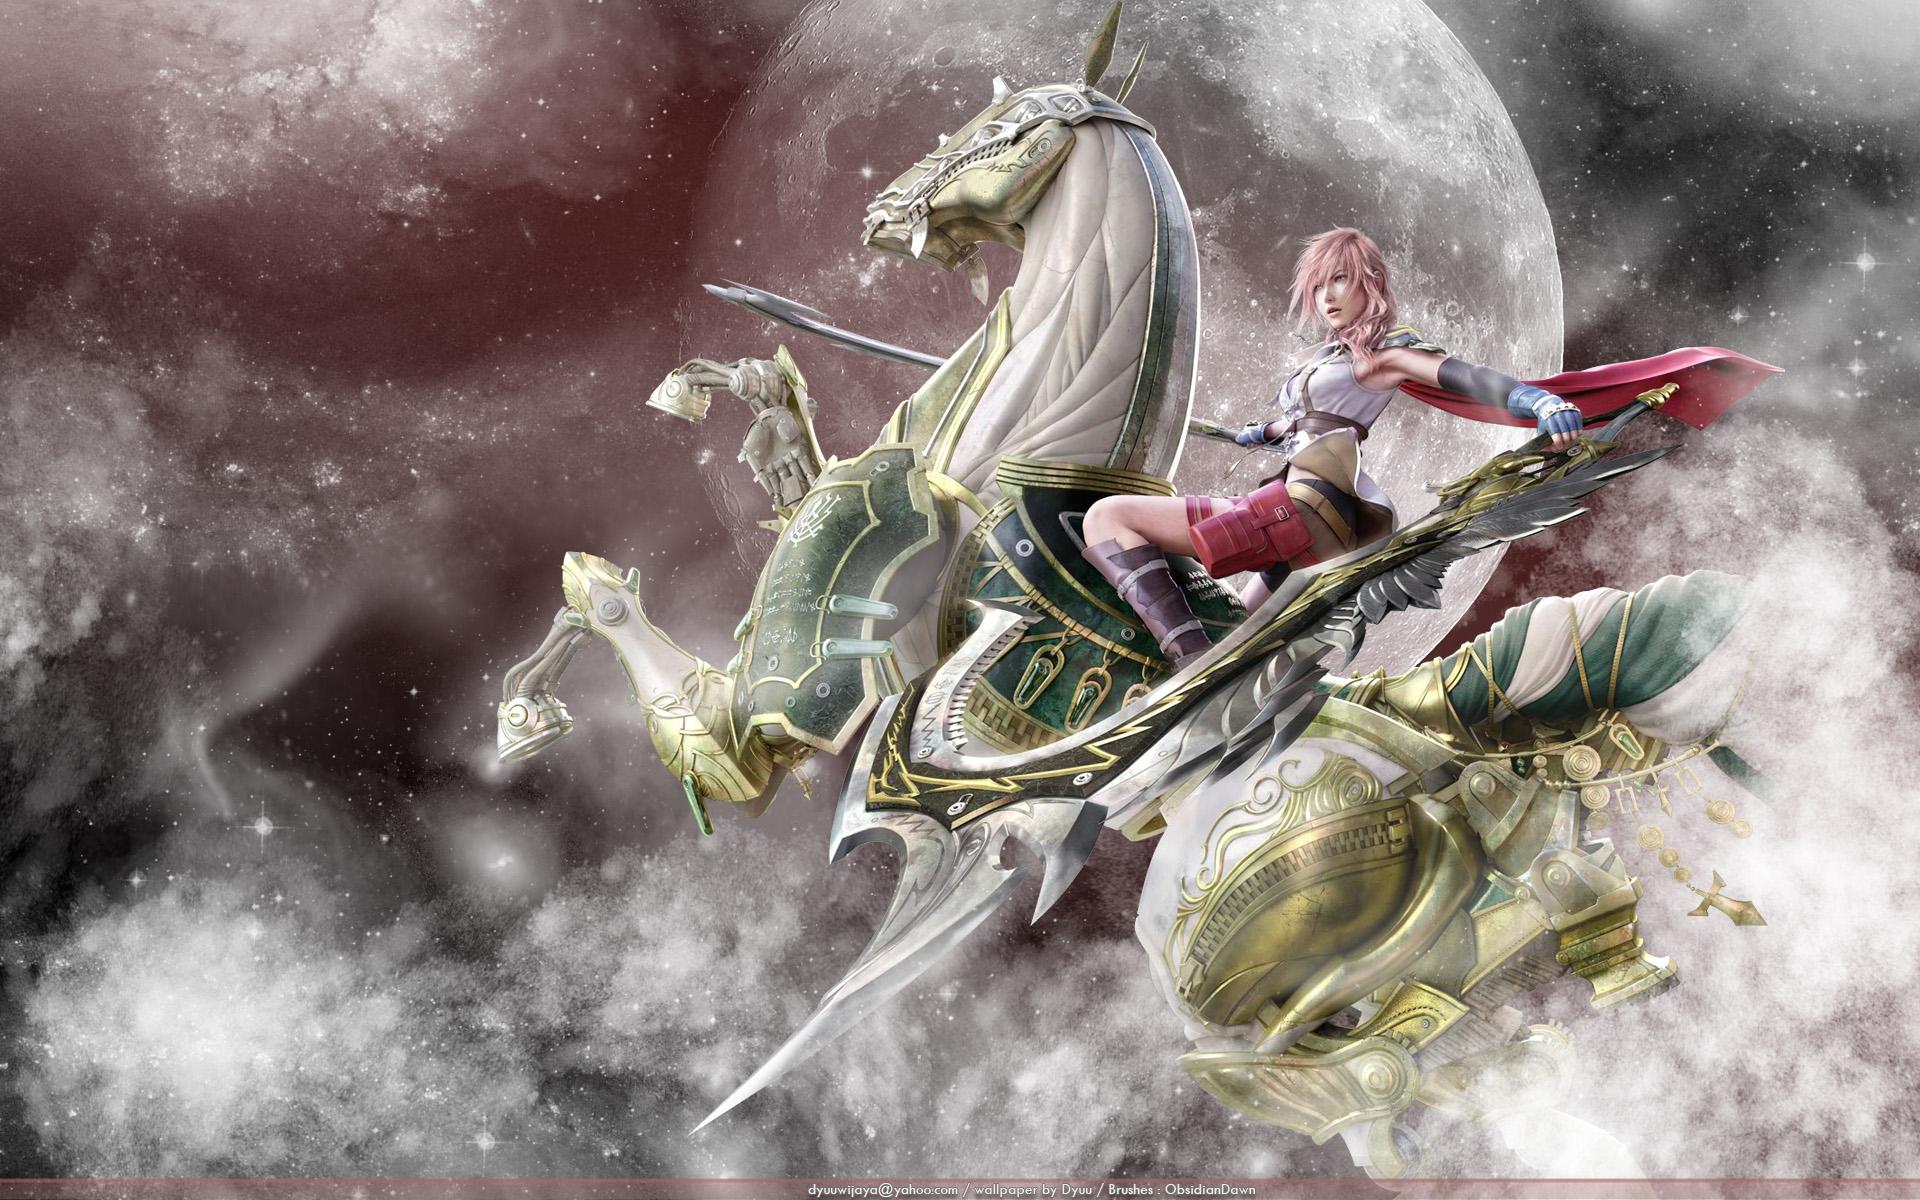 Final Fantasy Xiii Wallpaper: Fantasy Horse Wallpaper